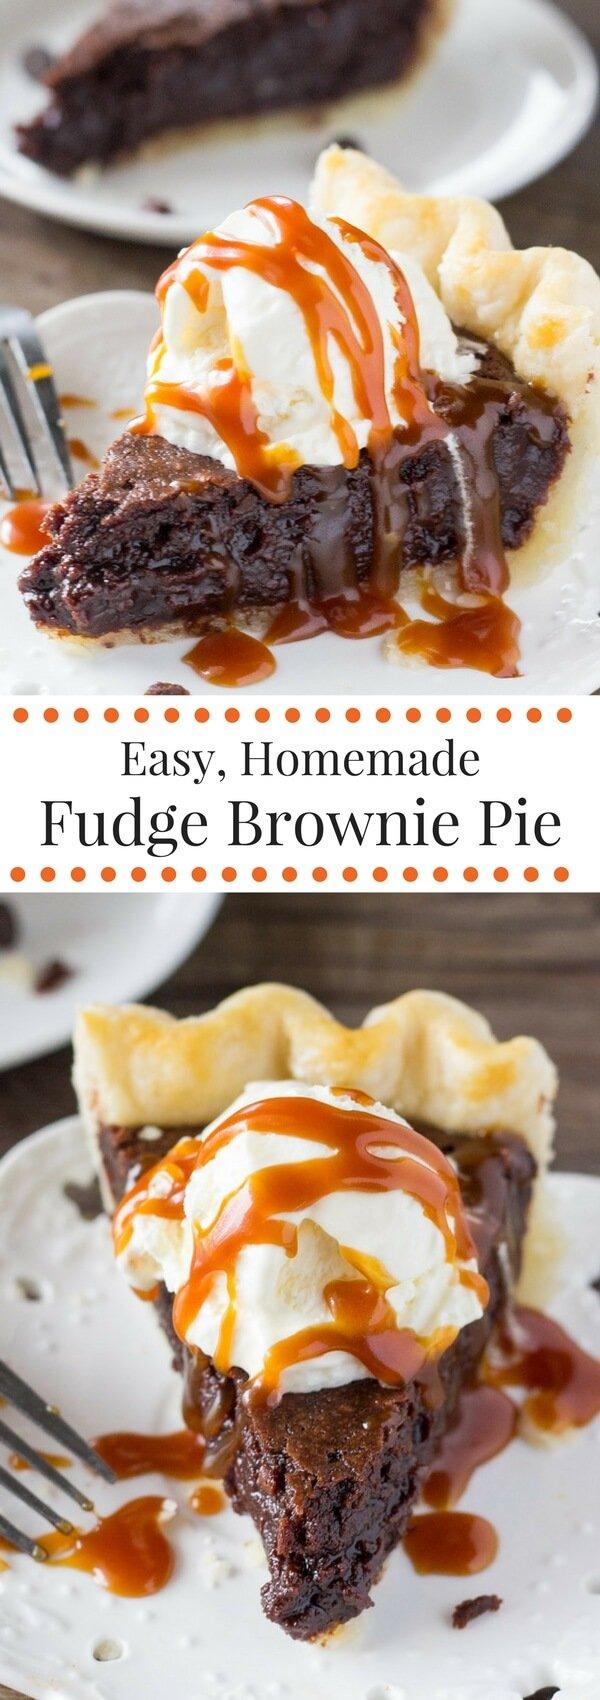 Fudge Brownie Pie Just So Tasty